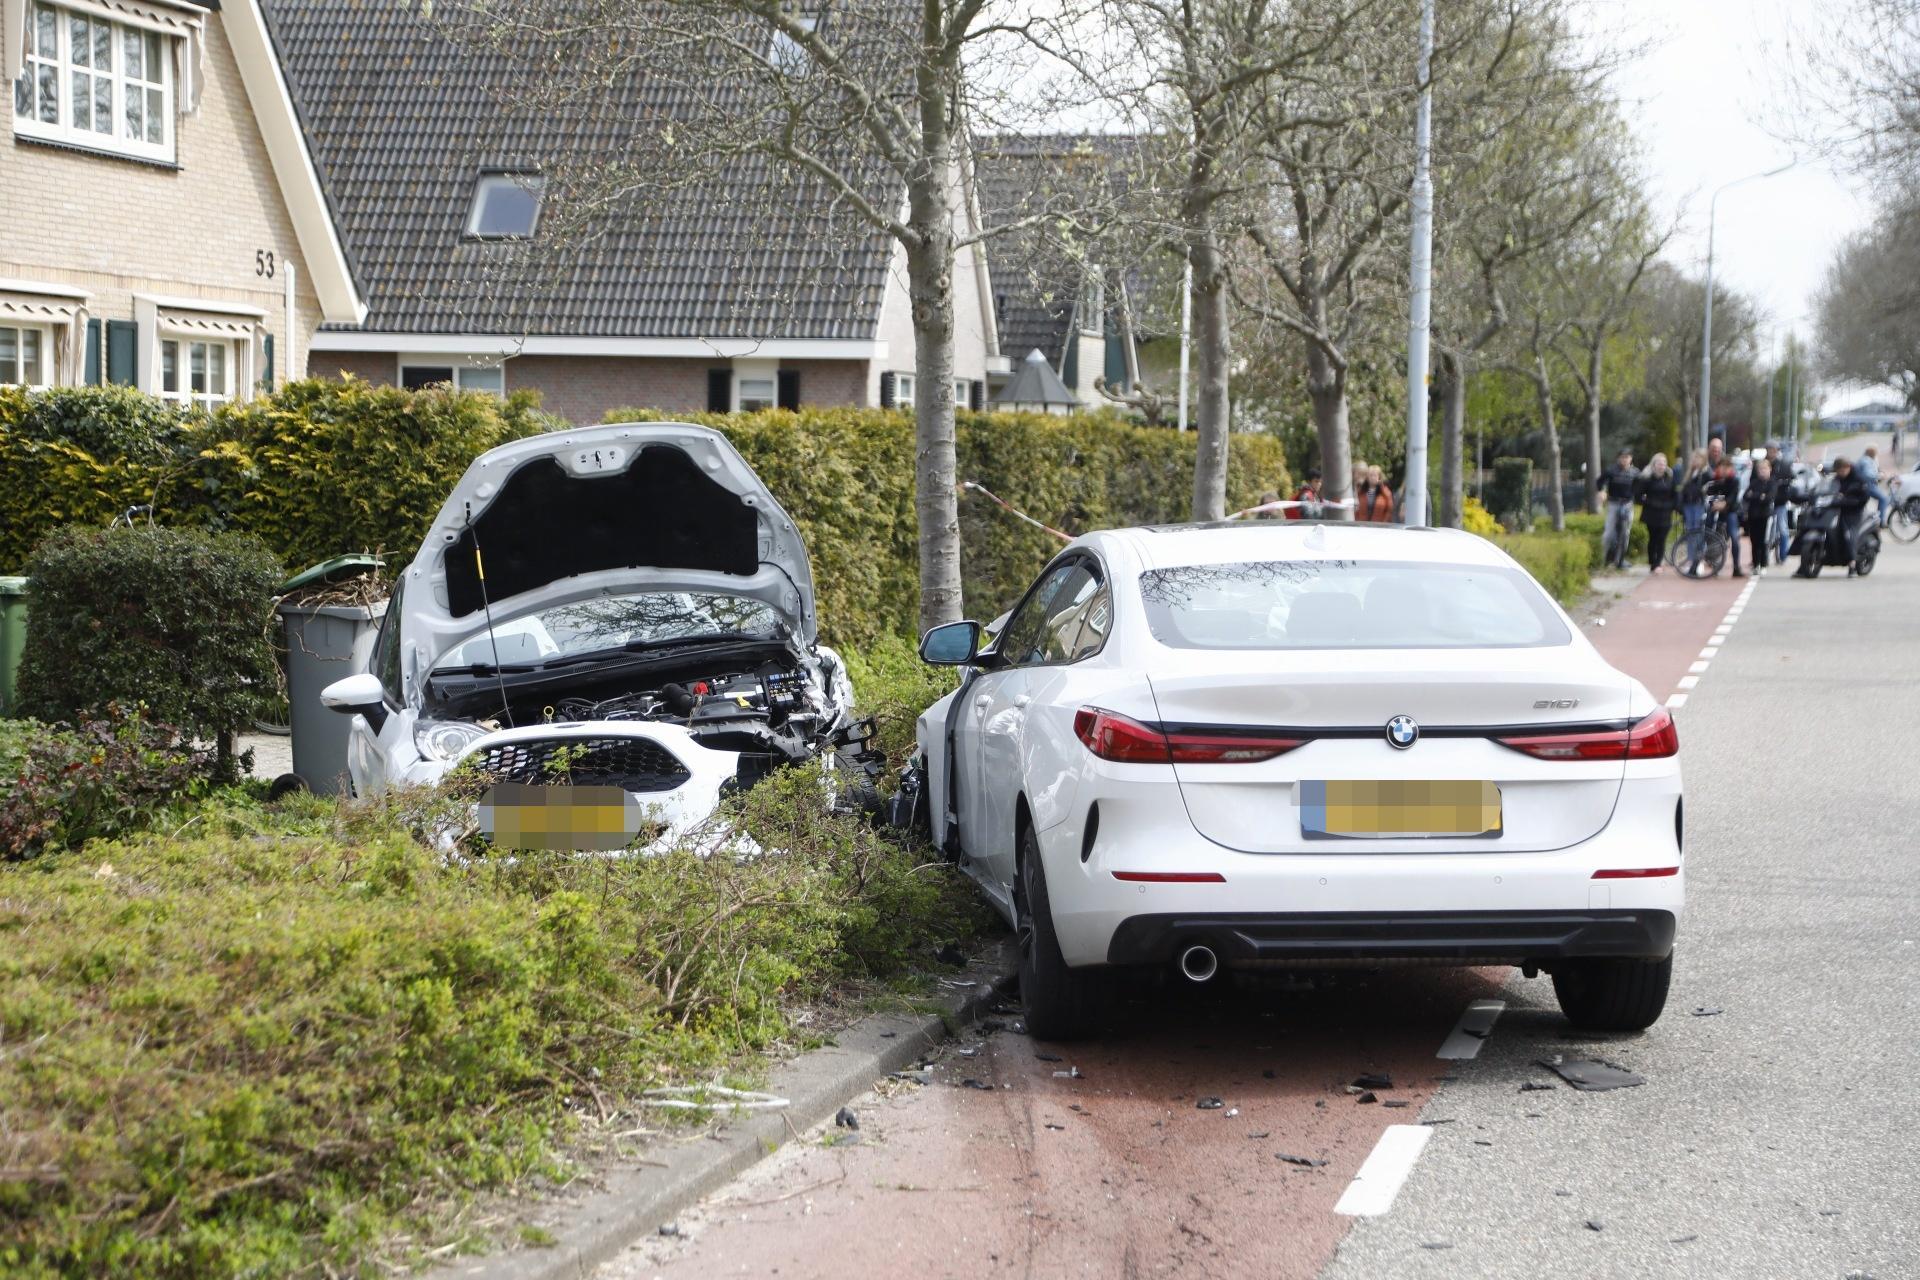 Oma en kleinzoon gewond bij auto-ongeluk in Rijsenhout